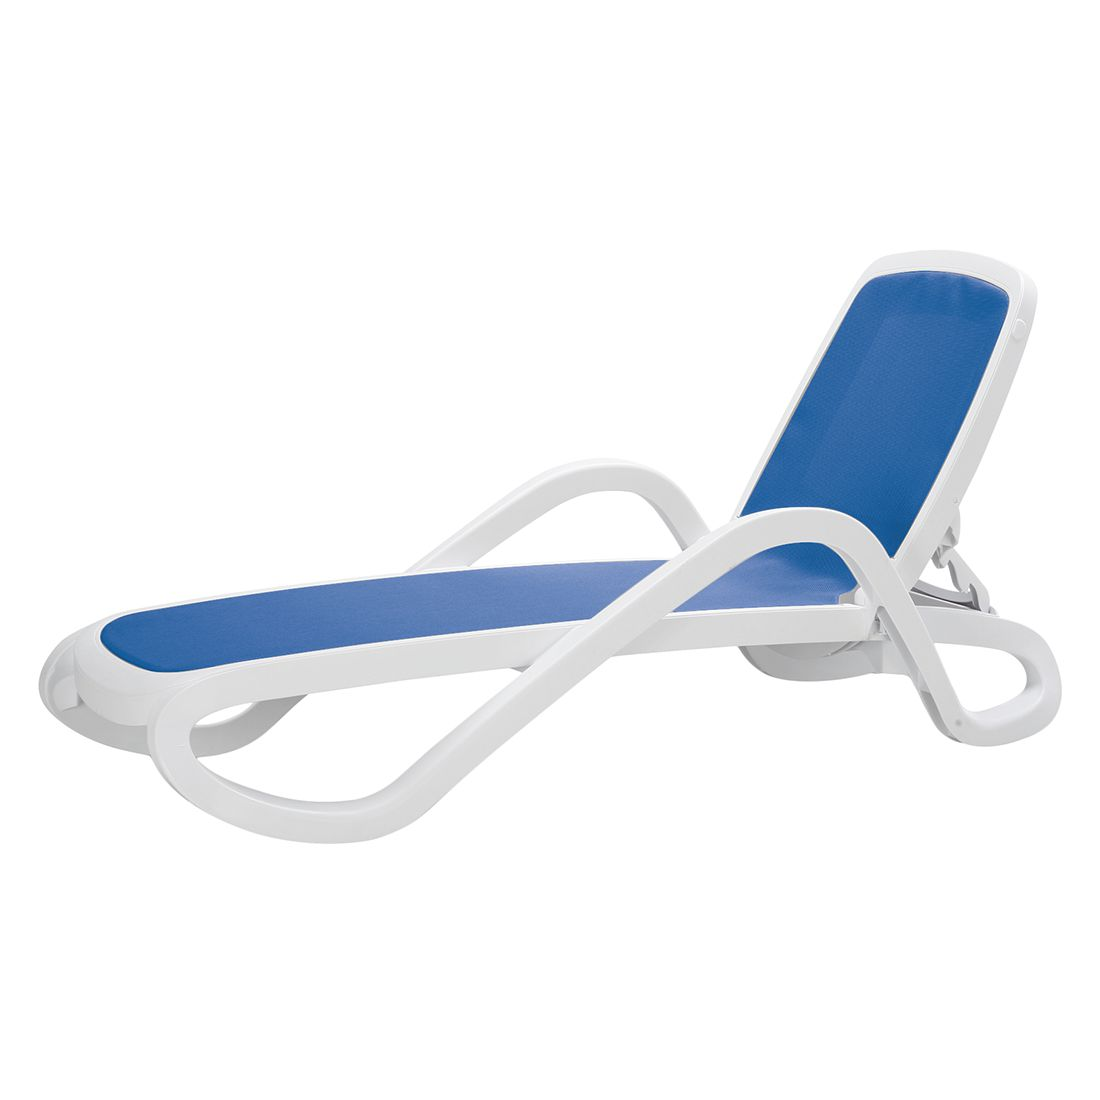 Sonnenliege Tongi - Kunststoff/Kunstfaser - Weiß/Blau, Best Freizeitmöbel